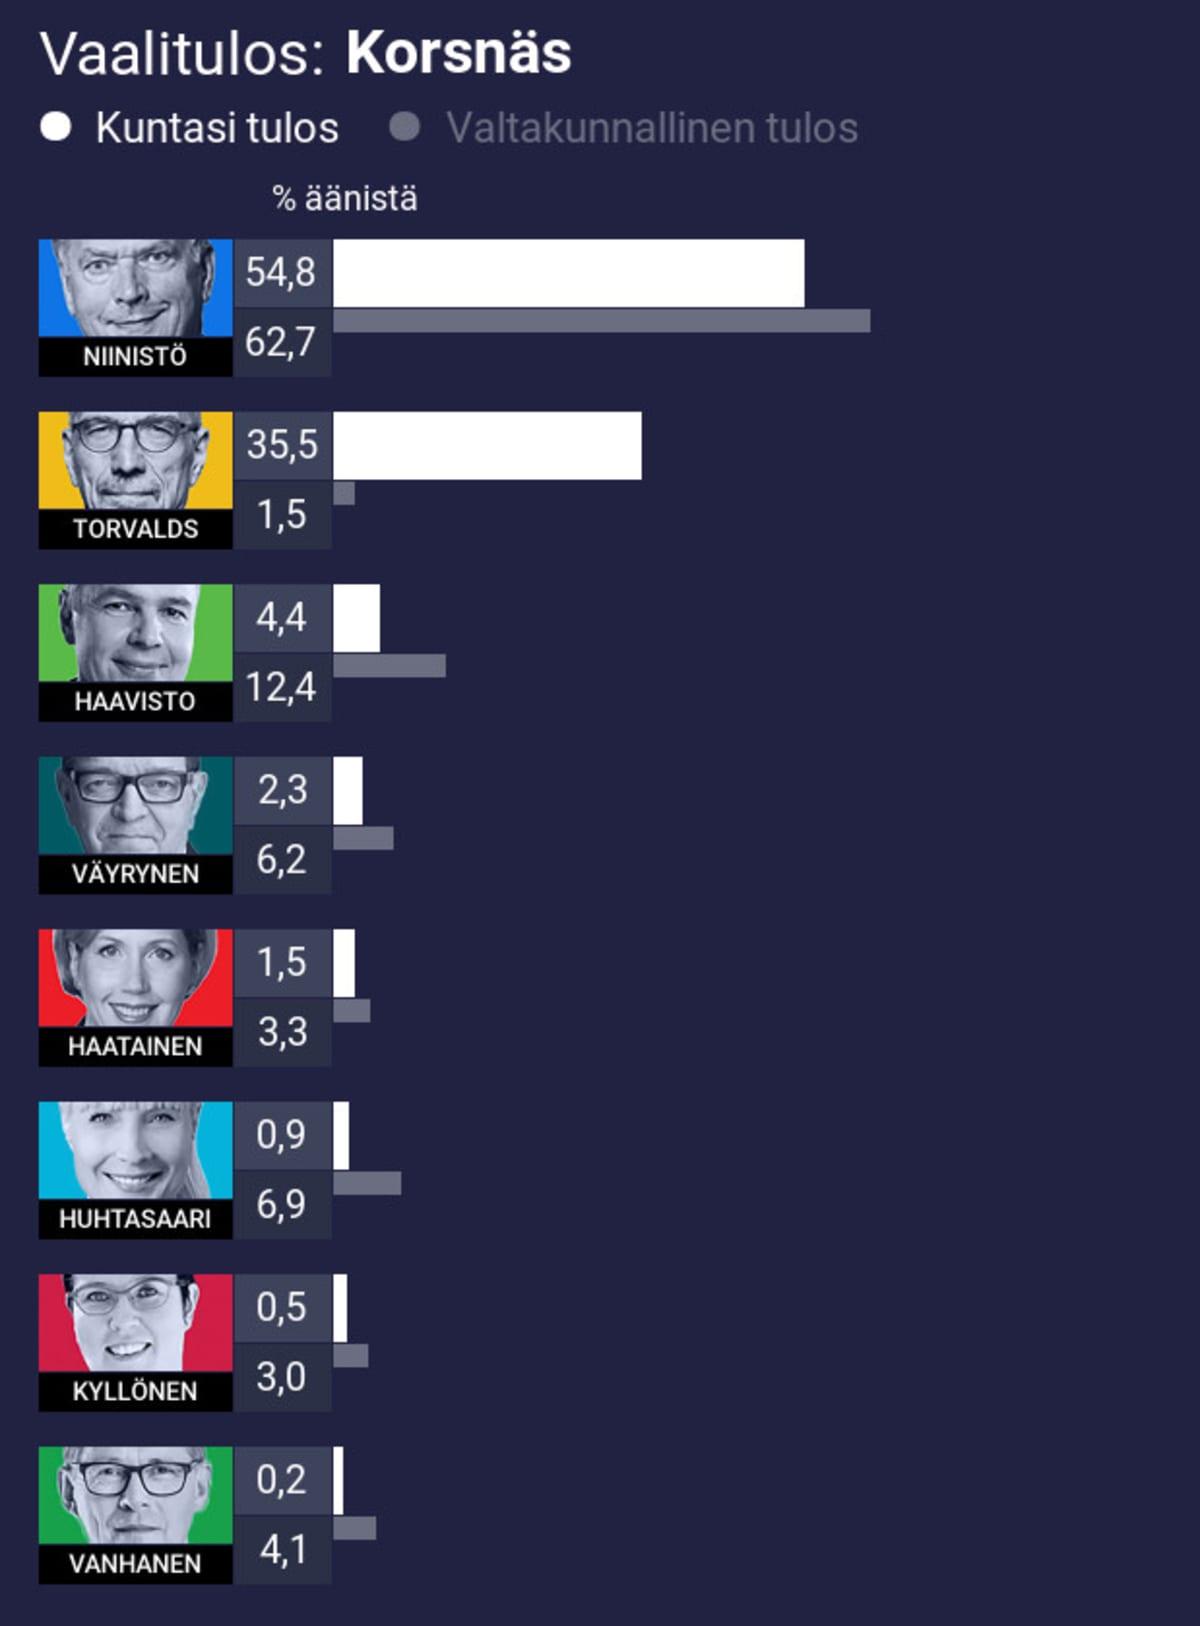 Vaalitulos: Korsnäs 1. Niinistö 54,8% (koko maan 62,7%) 2. Torvalds 35,5% (koko maan 1,5%) 3. Haavisto 4,4% (koko maan 12,4%) 4. Väyrynen 2,3% (koko maan 6,2%) 5. Haatainen 1,5% (koko maan 3,3%) 6. Huhtasaari 0,9% (koko maan 6,9%) 7. Kyllönen 0,5% (koko maan 3,0%) 8. Vanhanen 0,2% (koko maan 4,1%)